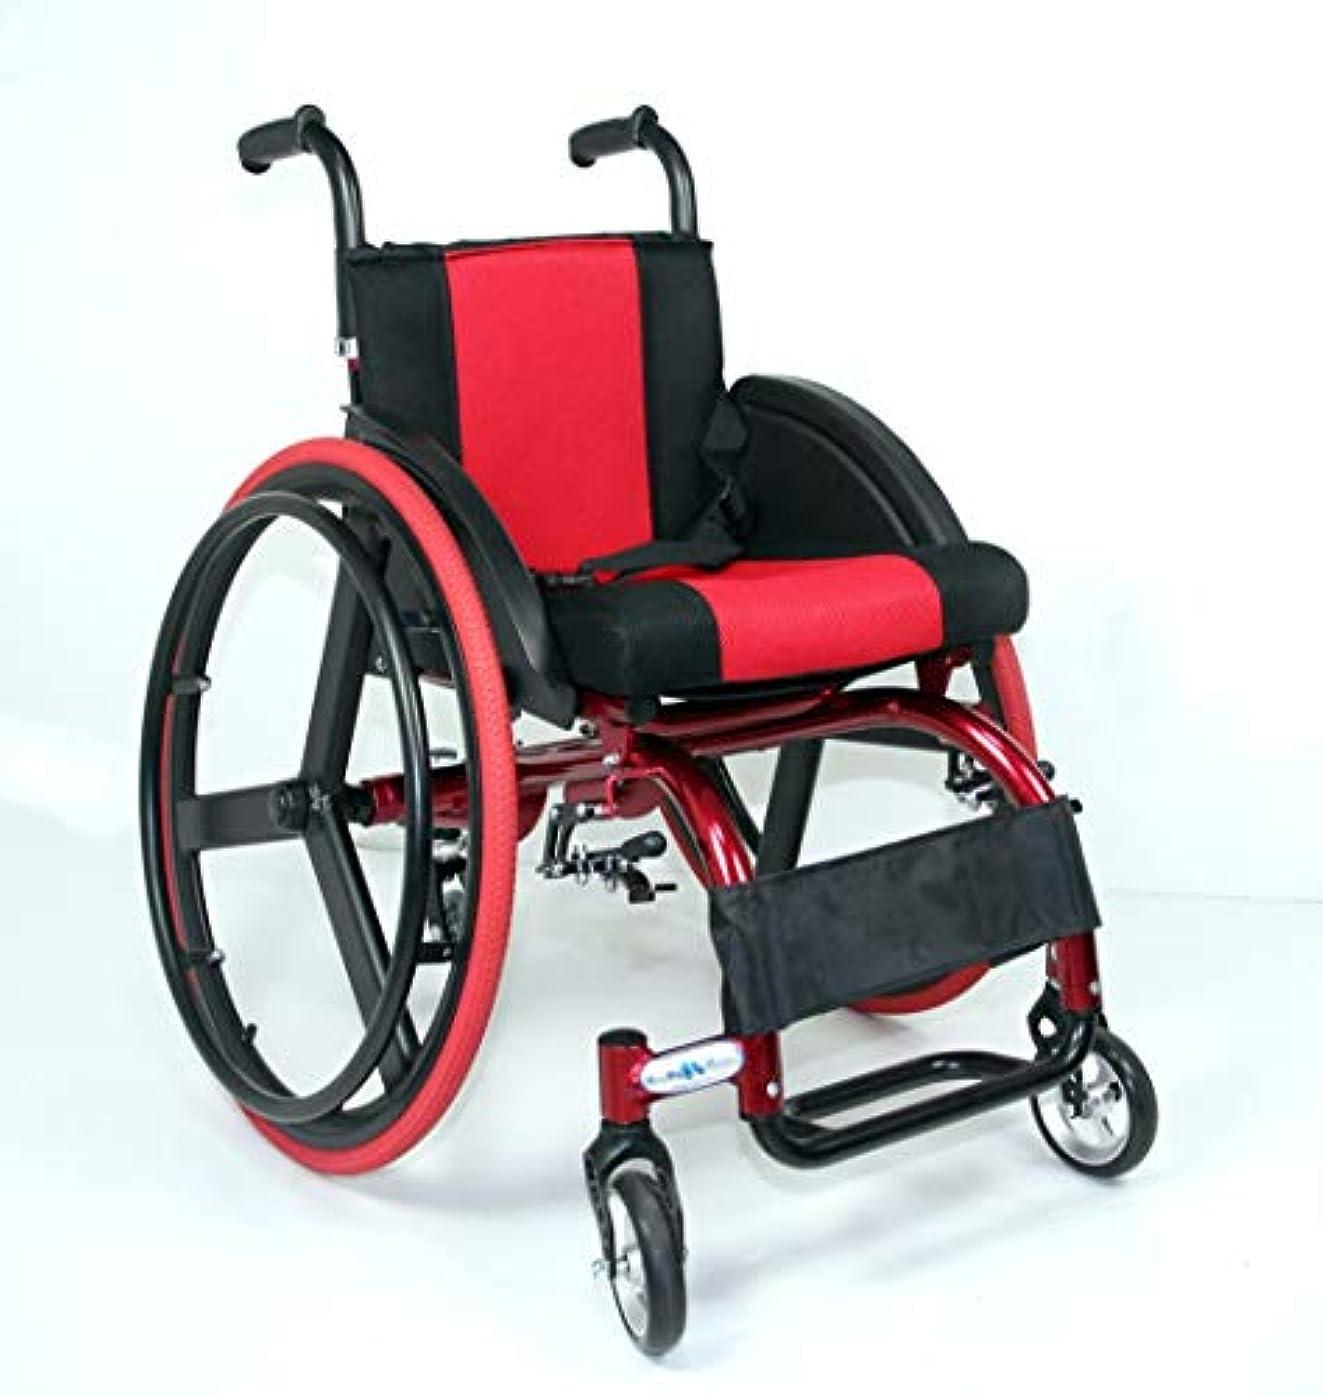 おもしろいニックネームセラフアルミ合金のクイックリリースの後部車輪の衝撃吸収材のトロリーが付いている余暇の車椅子ライトポータブル、24インチの後部車輪は1つのボタンで取除くことができます